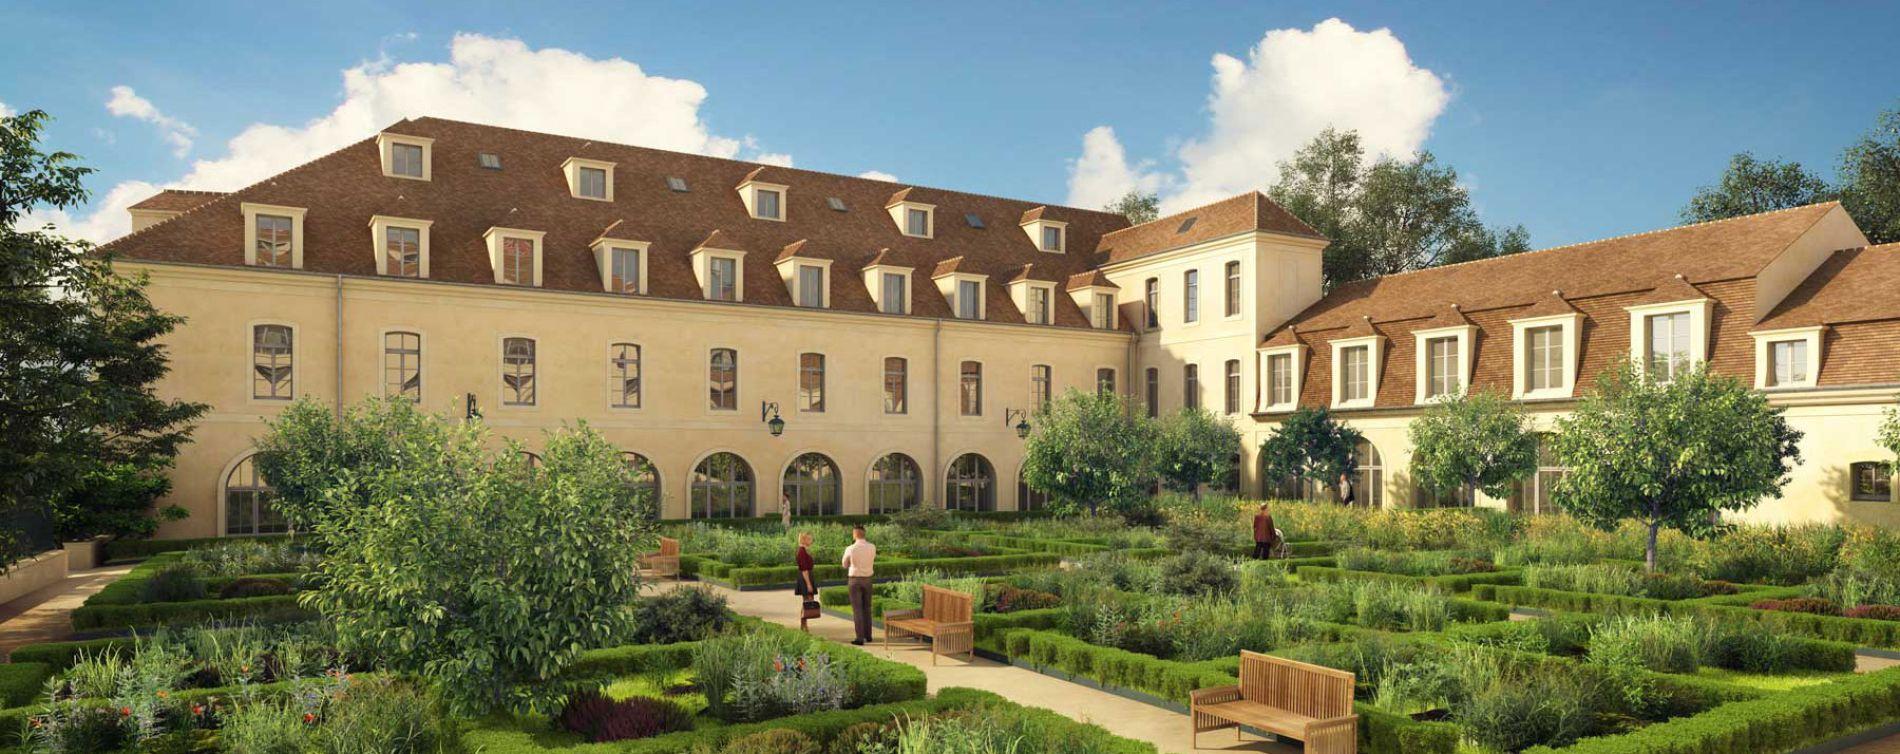 Juilly : programme immobilier à rénover « Pensionnat de Juilly » en Monument Historique (2)